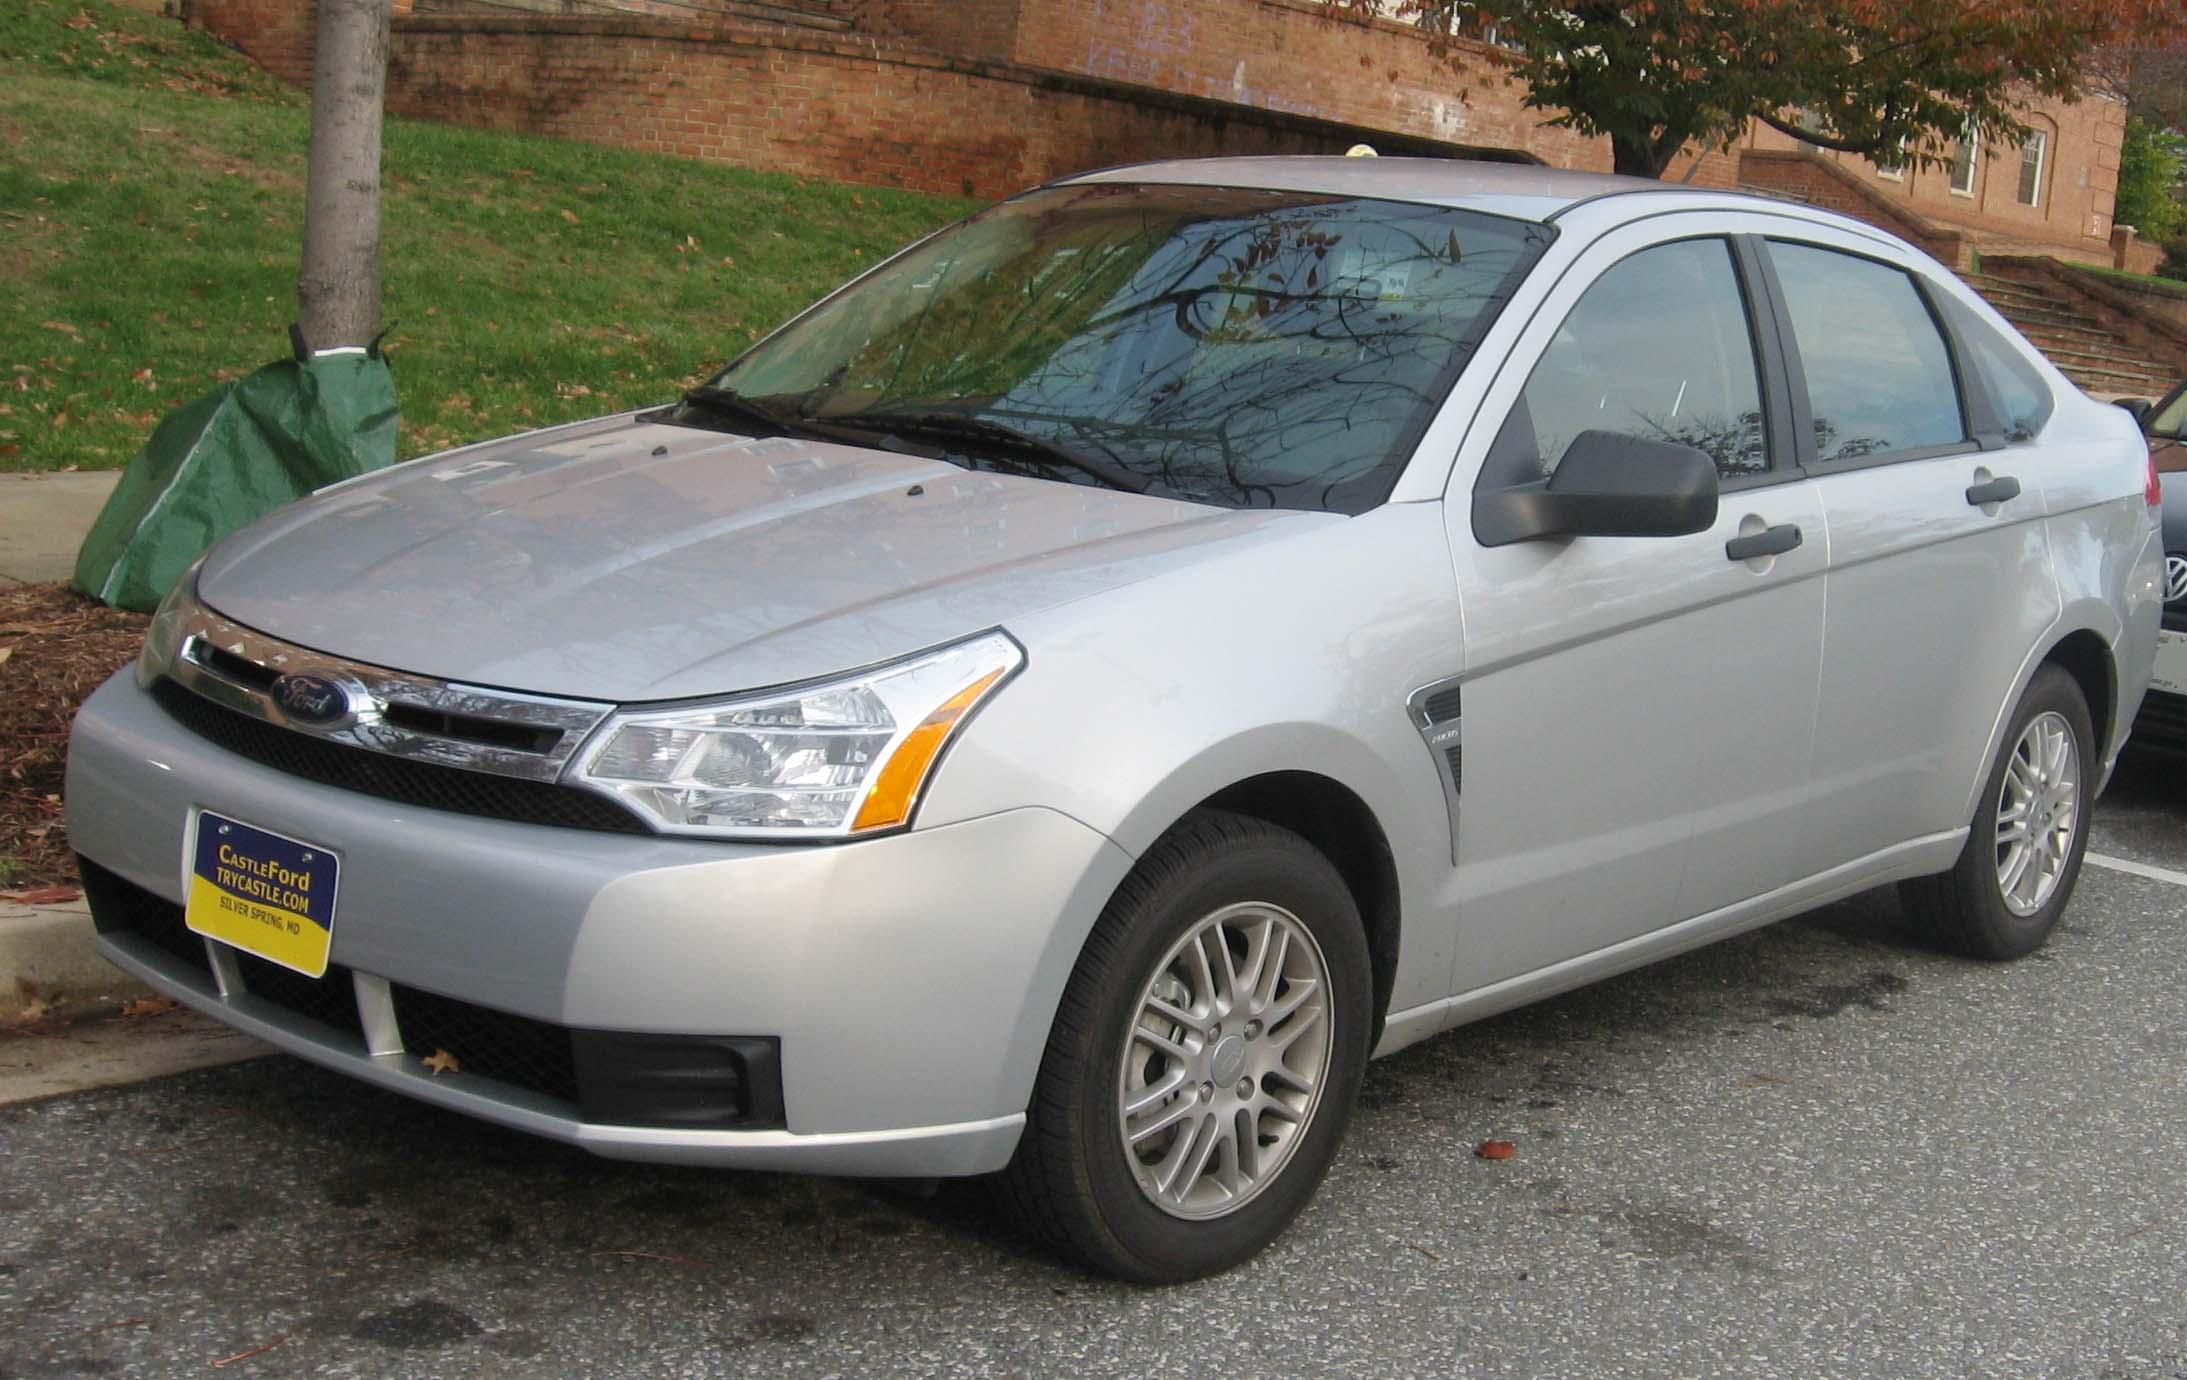 https://i0.wp.com/upload.wikimedia.org/wikipedia/commons/f/fe/2008_Ford_Focus_SE_sedan.jpg